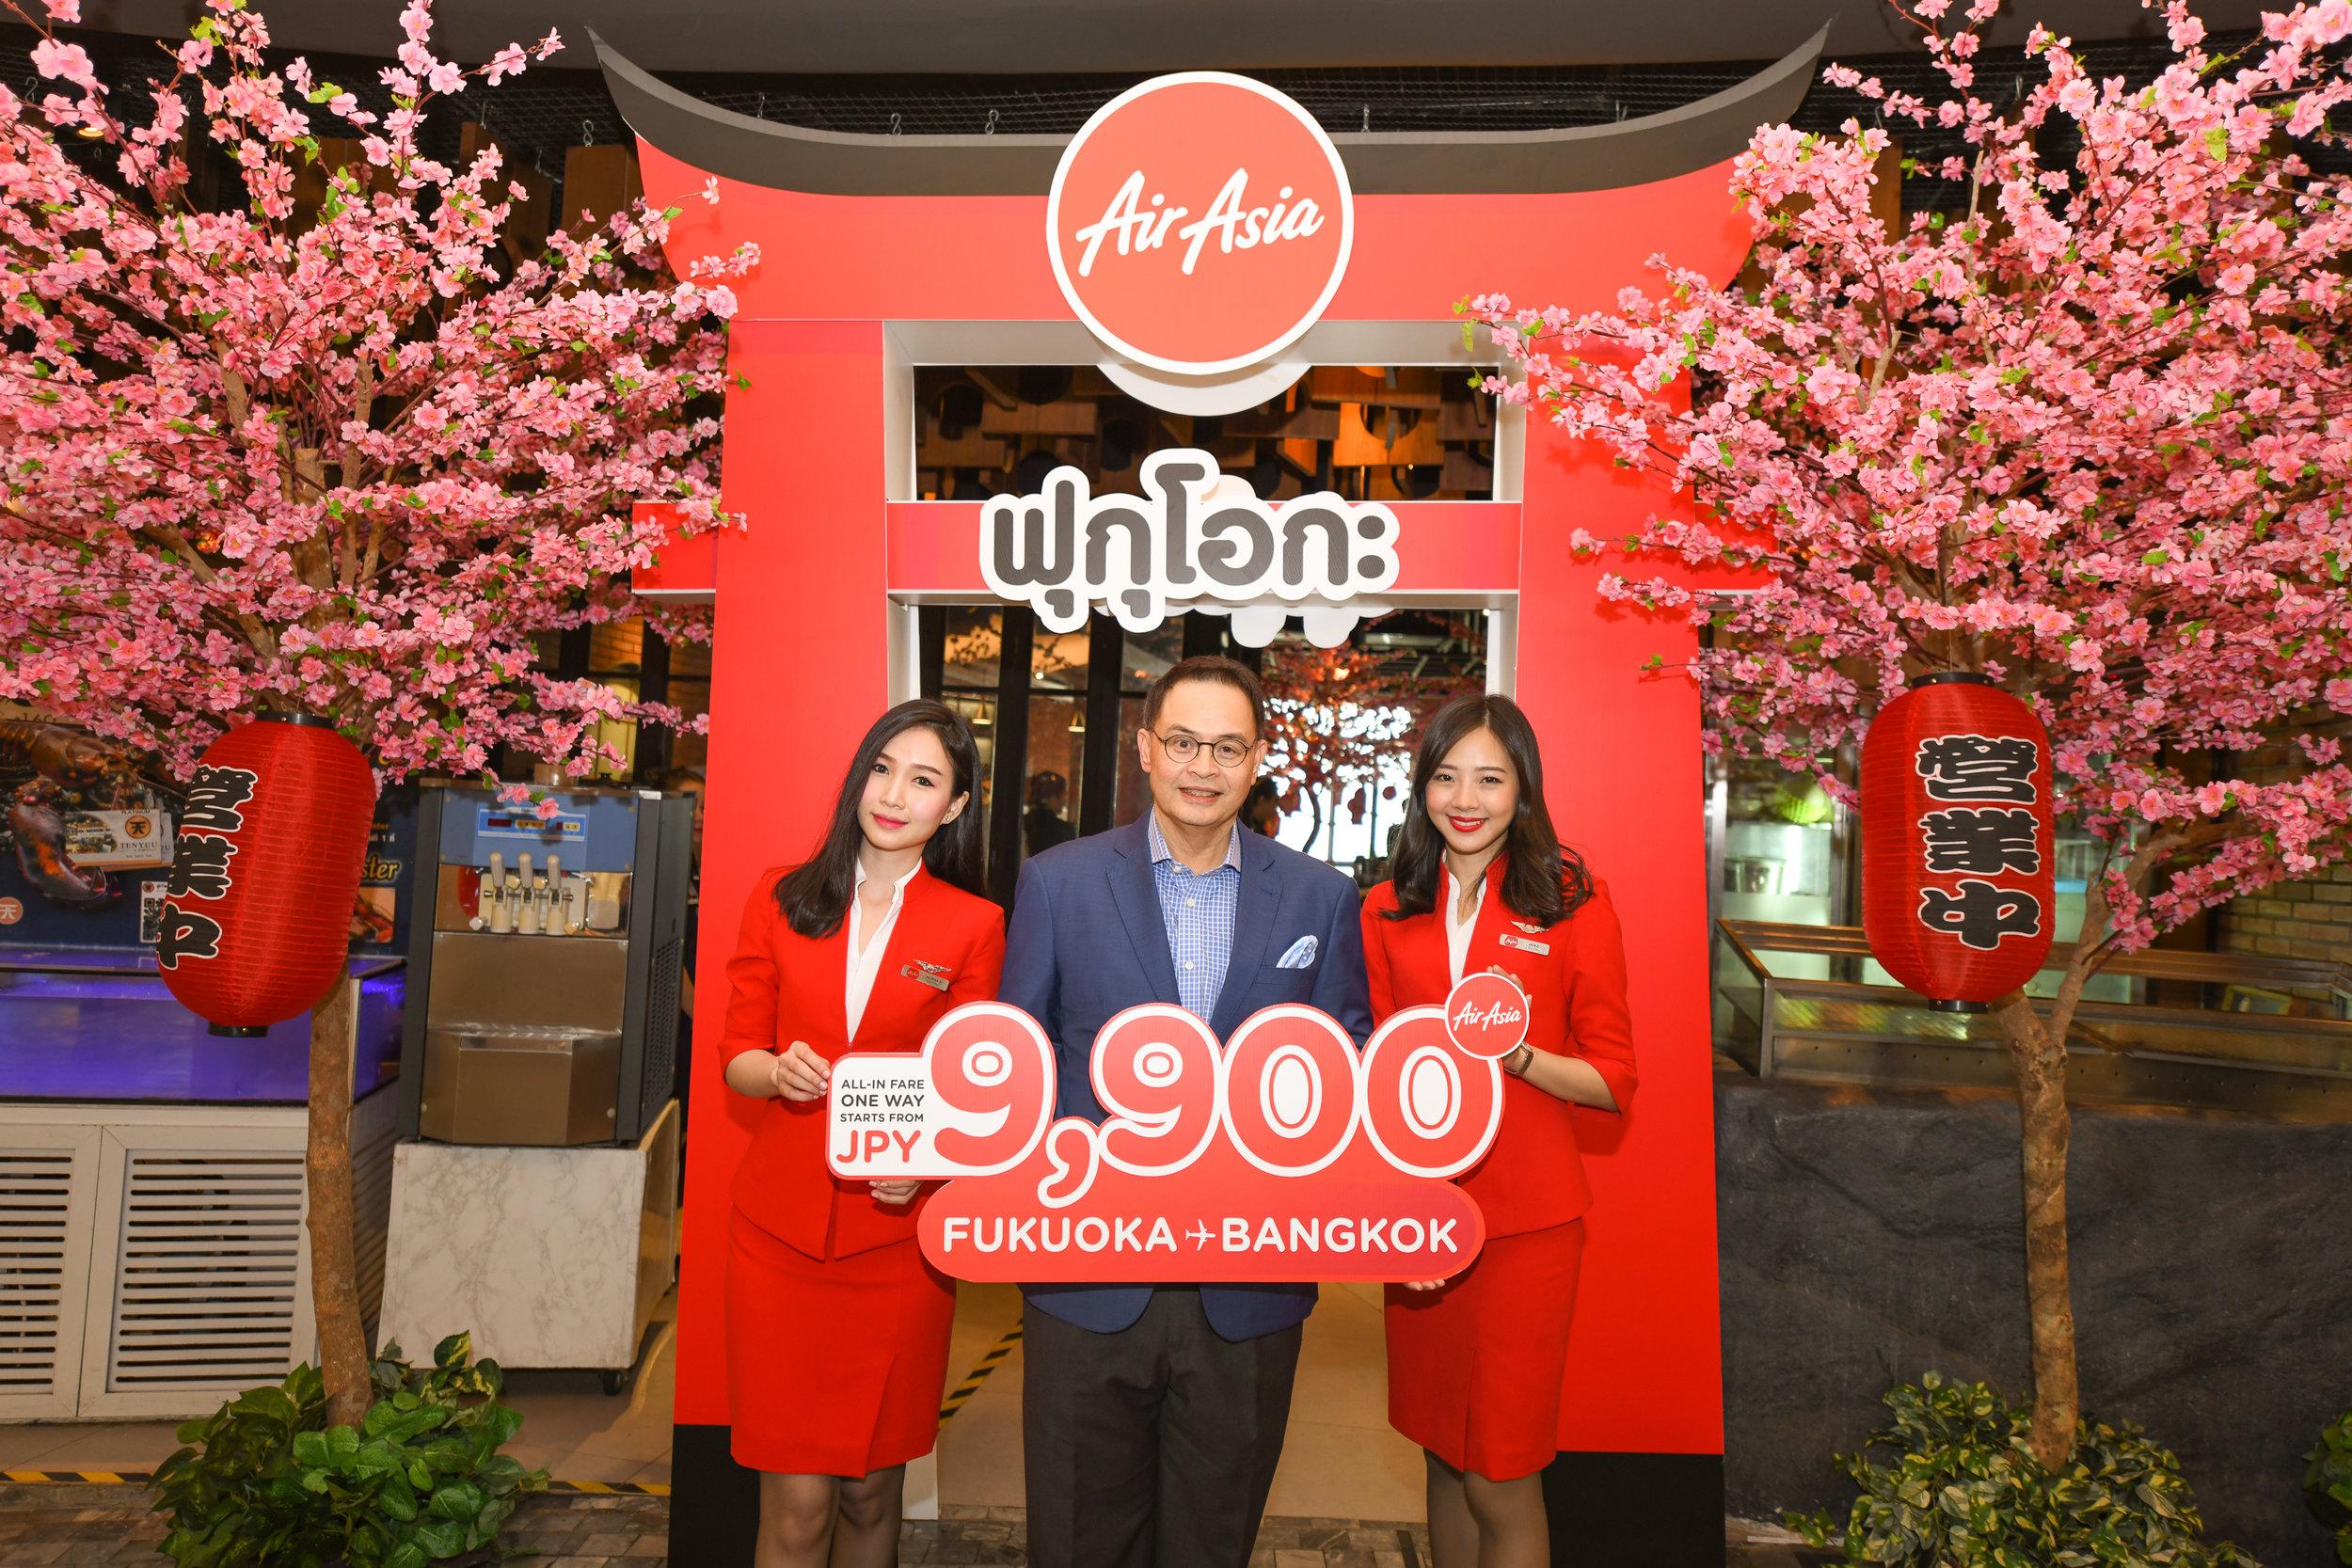 バンコクで記者会見を行ったタイ・エアアジアX CEO ナダ・ブラナシリ(中央)